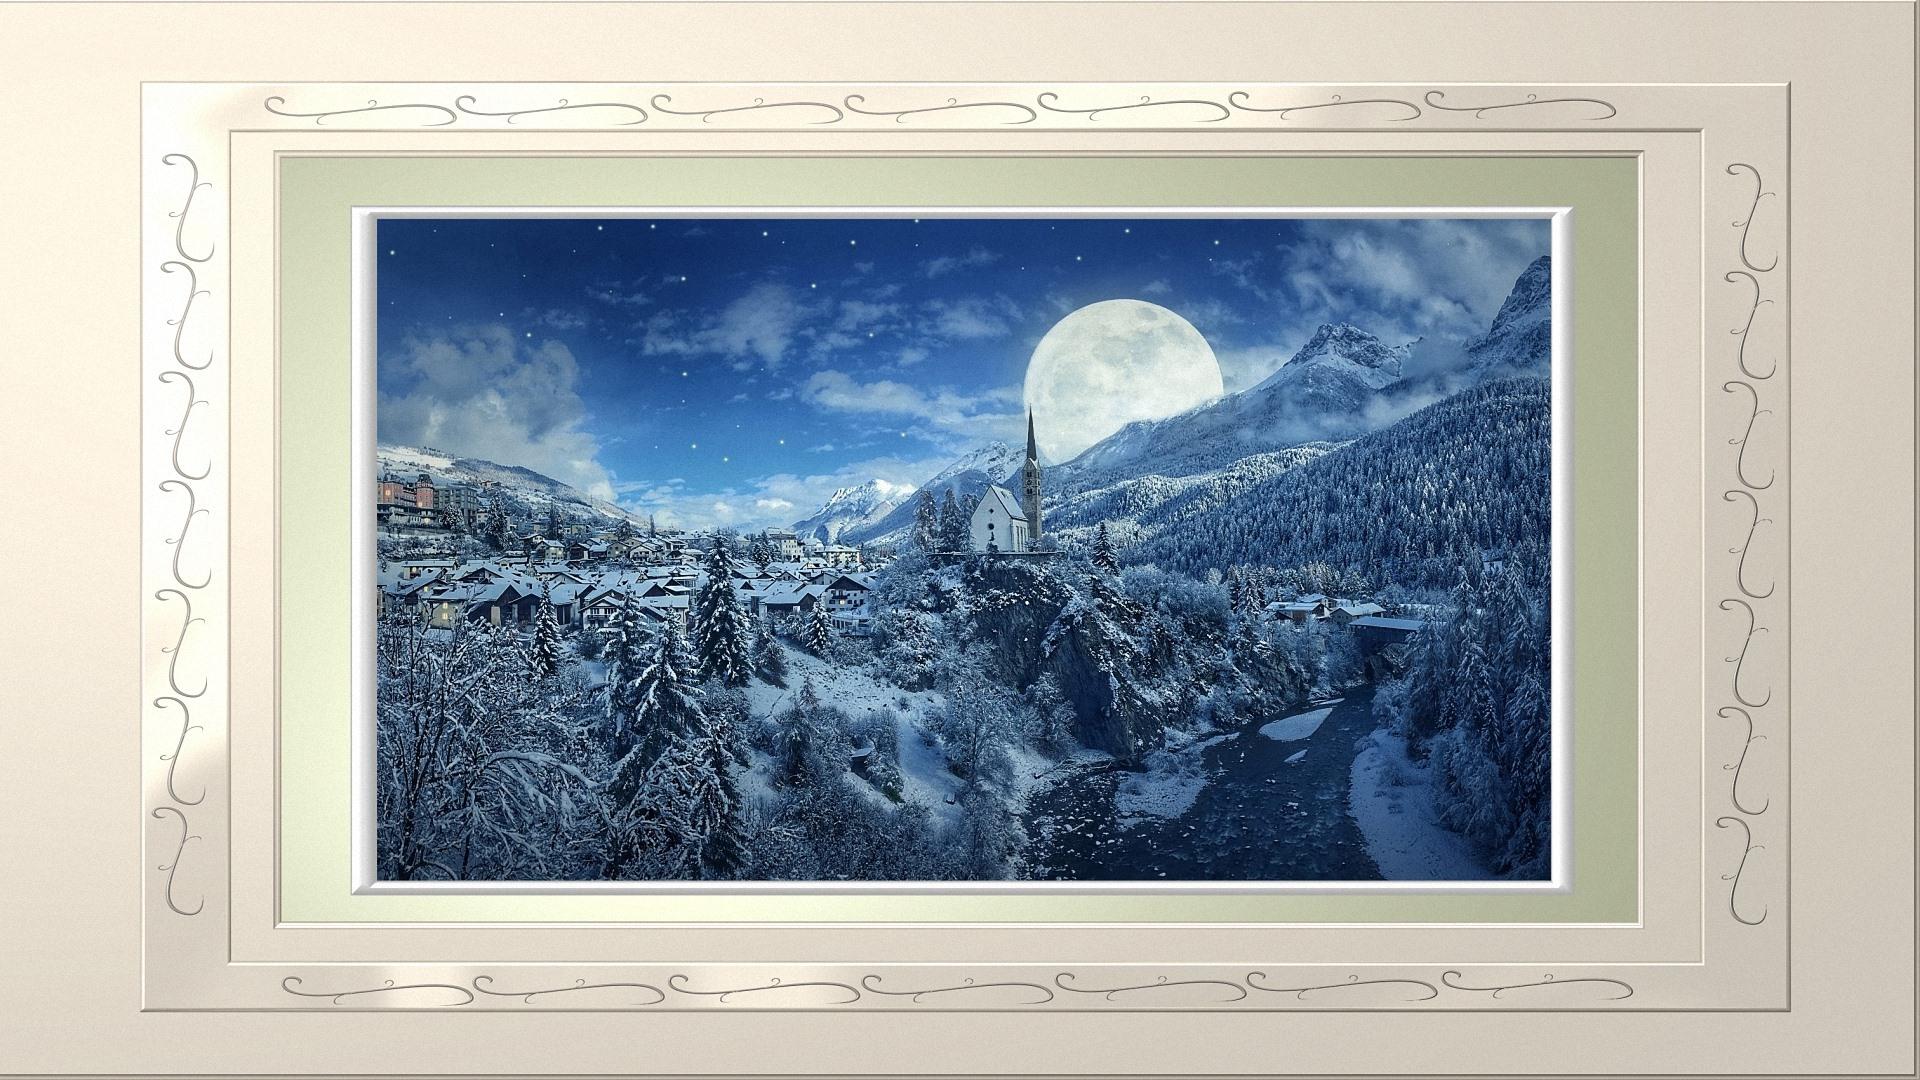 Bilder Zum Ausdrucken Winter verwandt mit Winterbilder Zum Ausdrucken